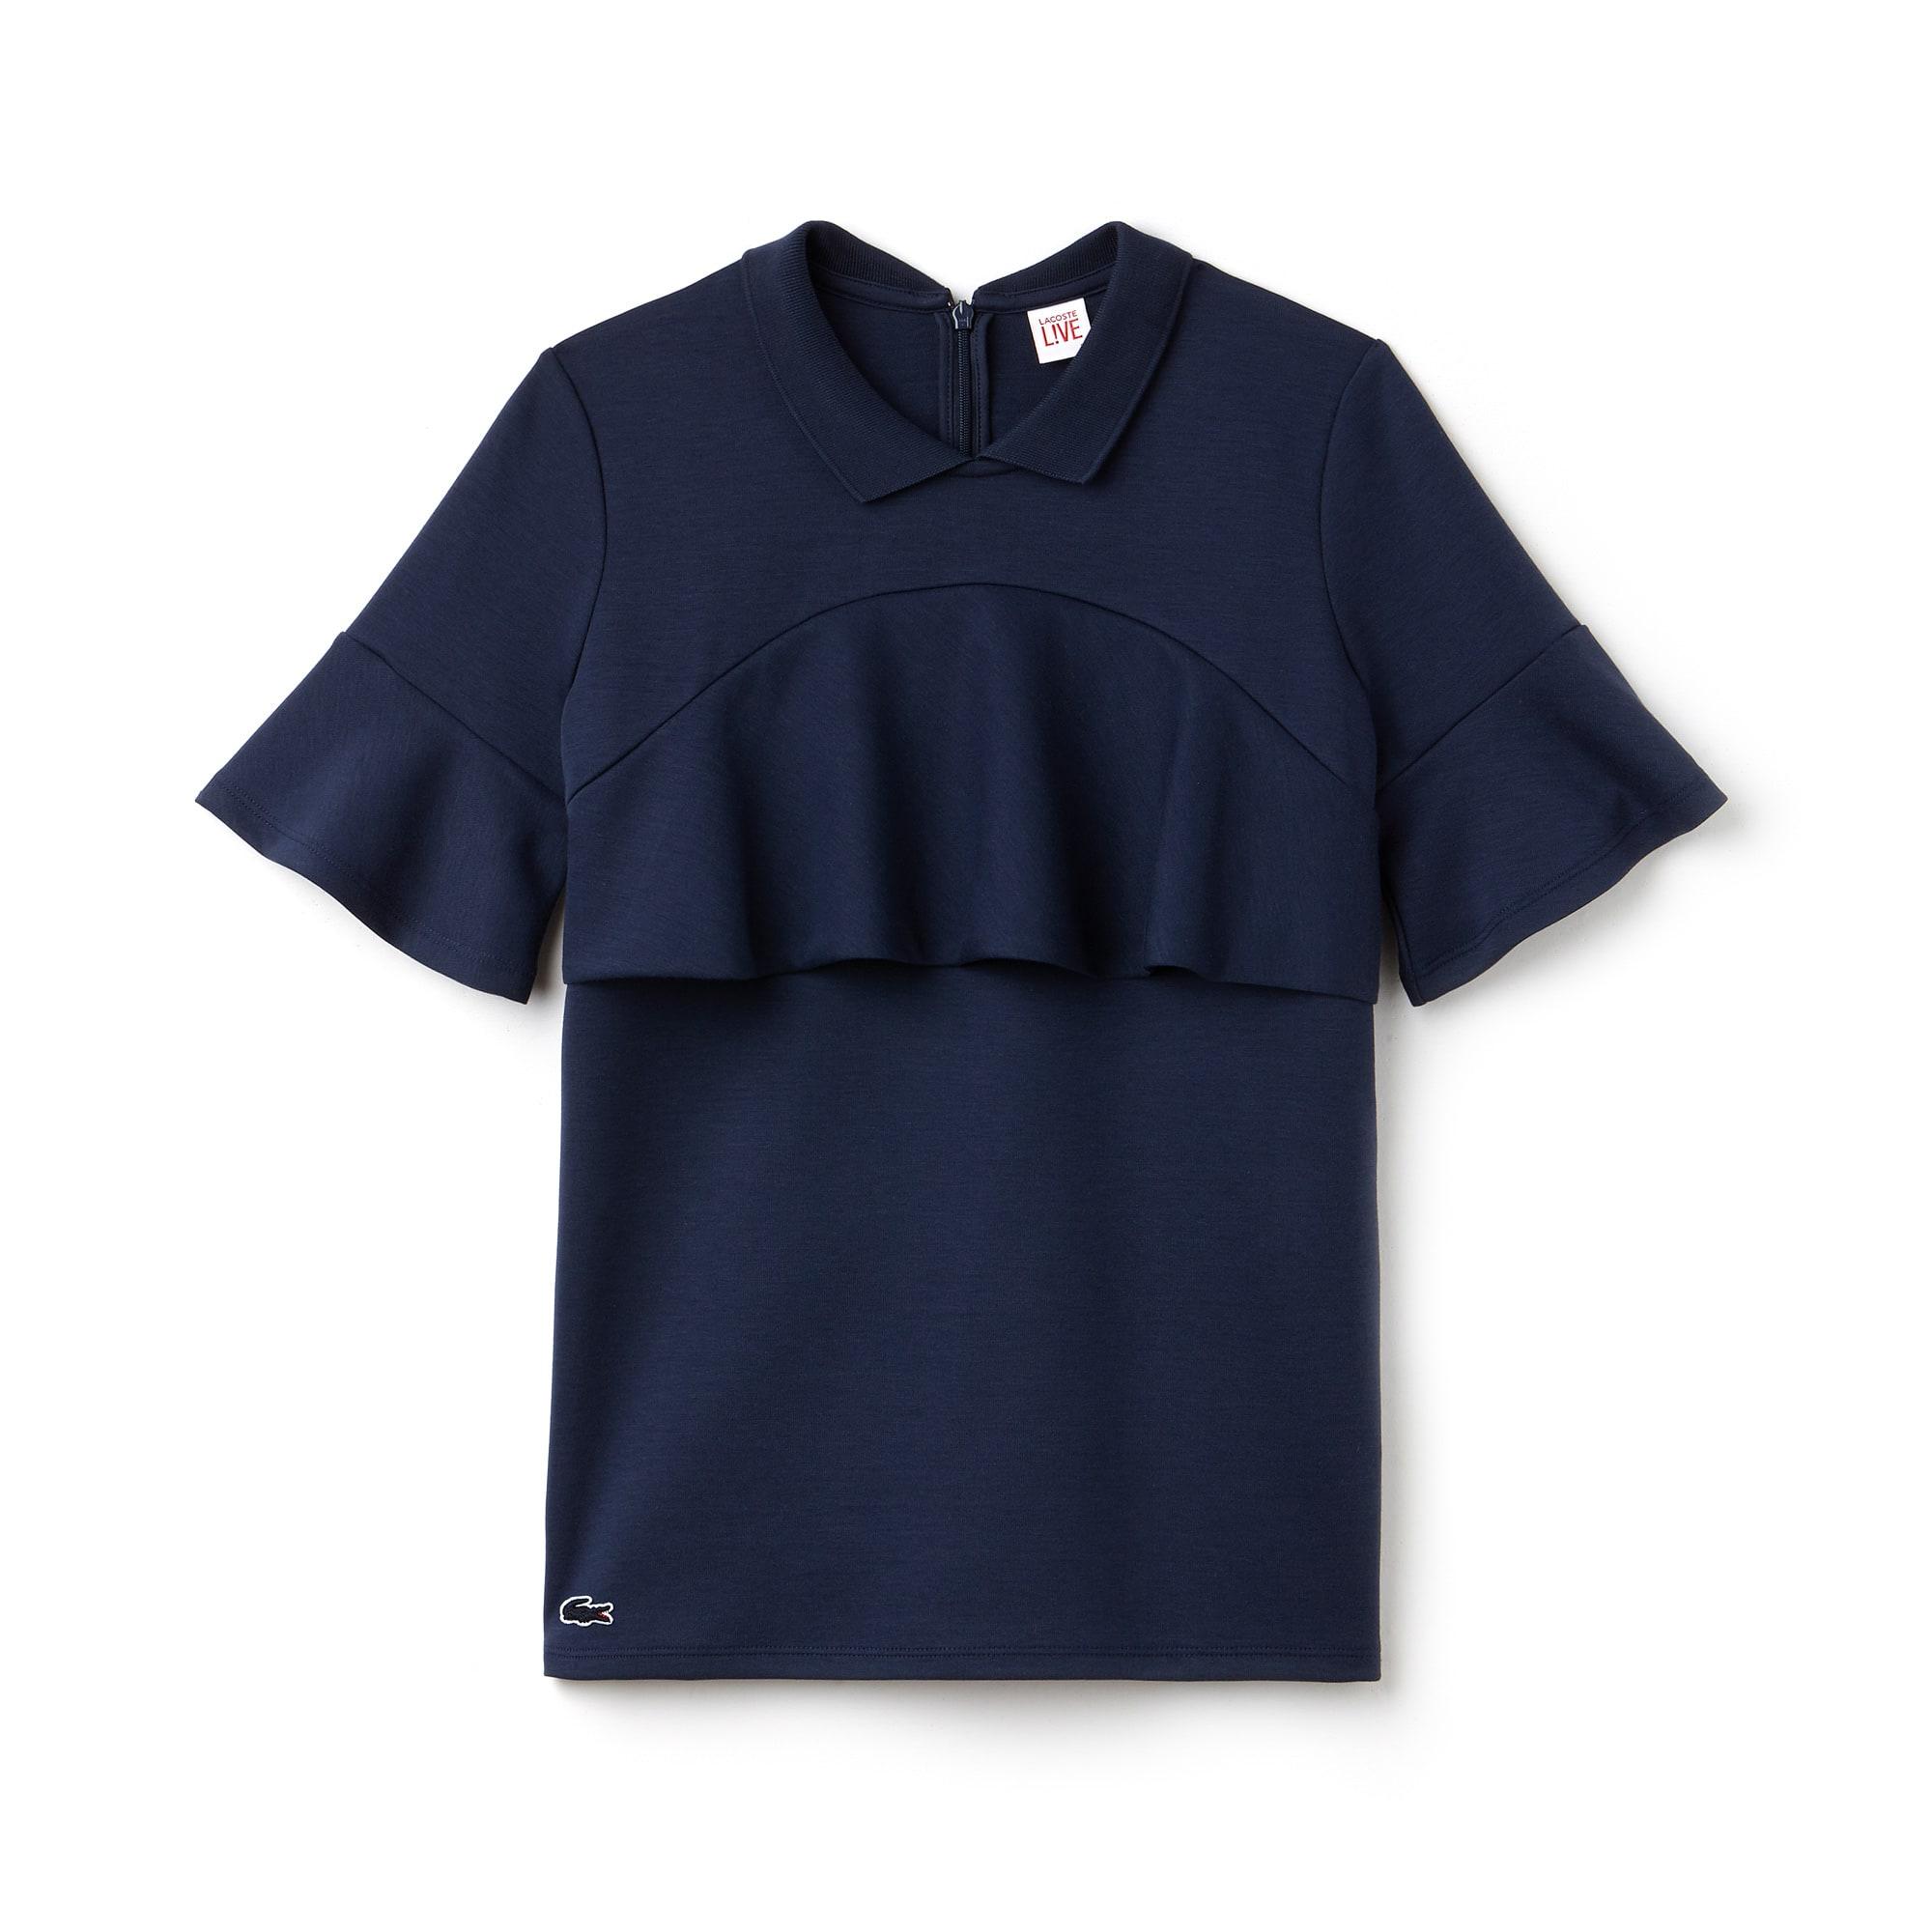 Camicia boxy fit Lacoste LIVE in jersey tinta unita con volant